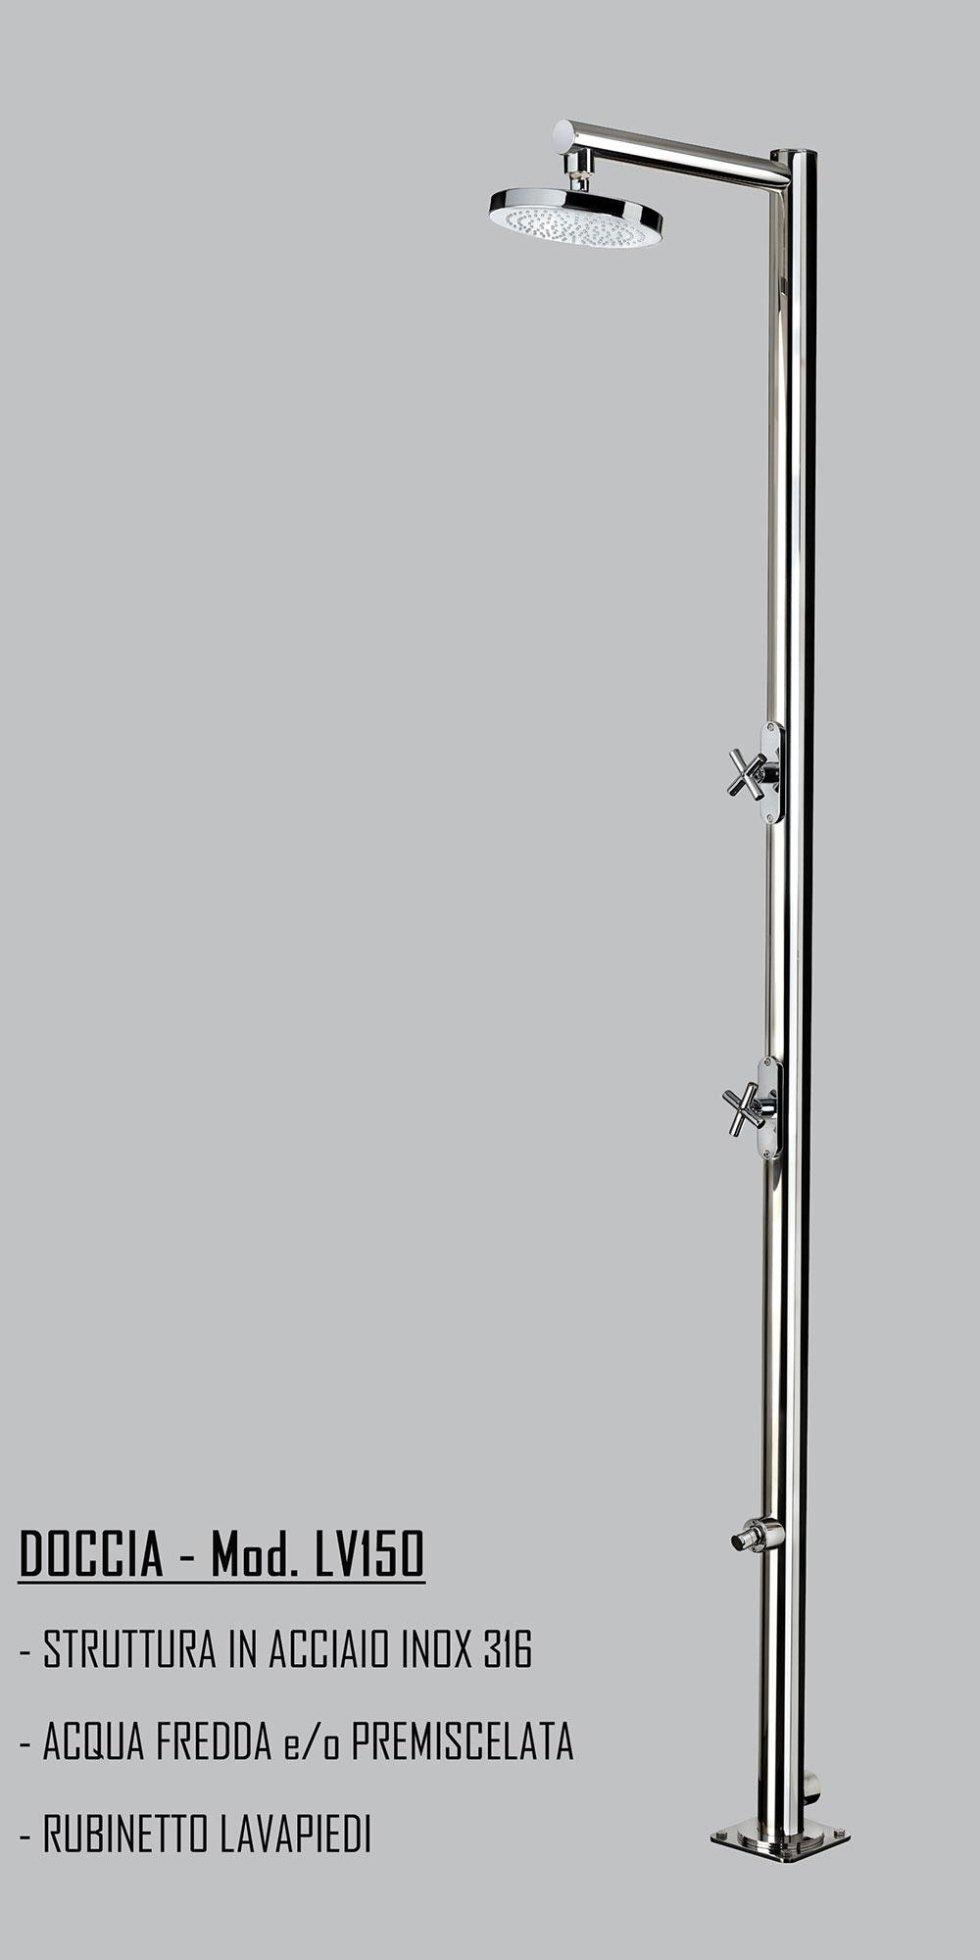 doccia acciaio inox 316